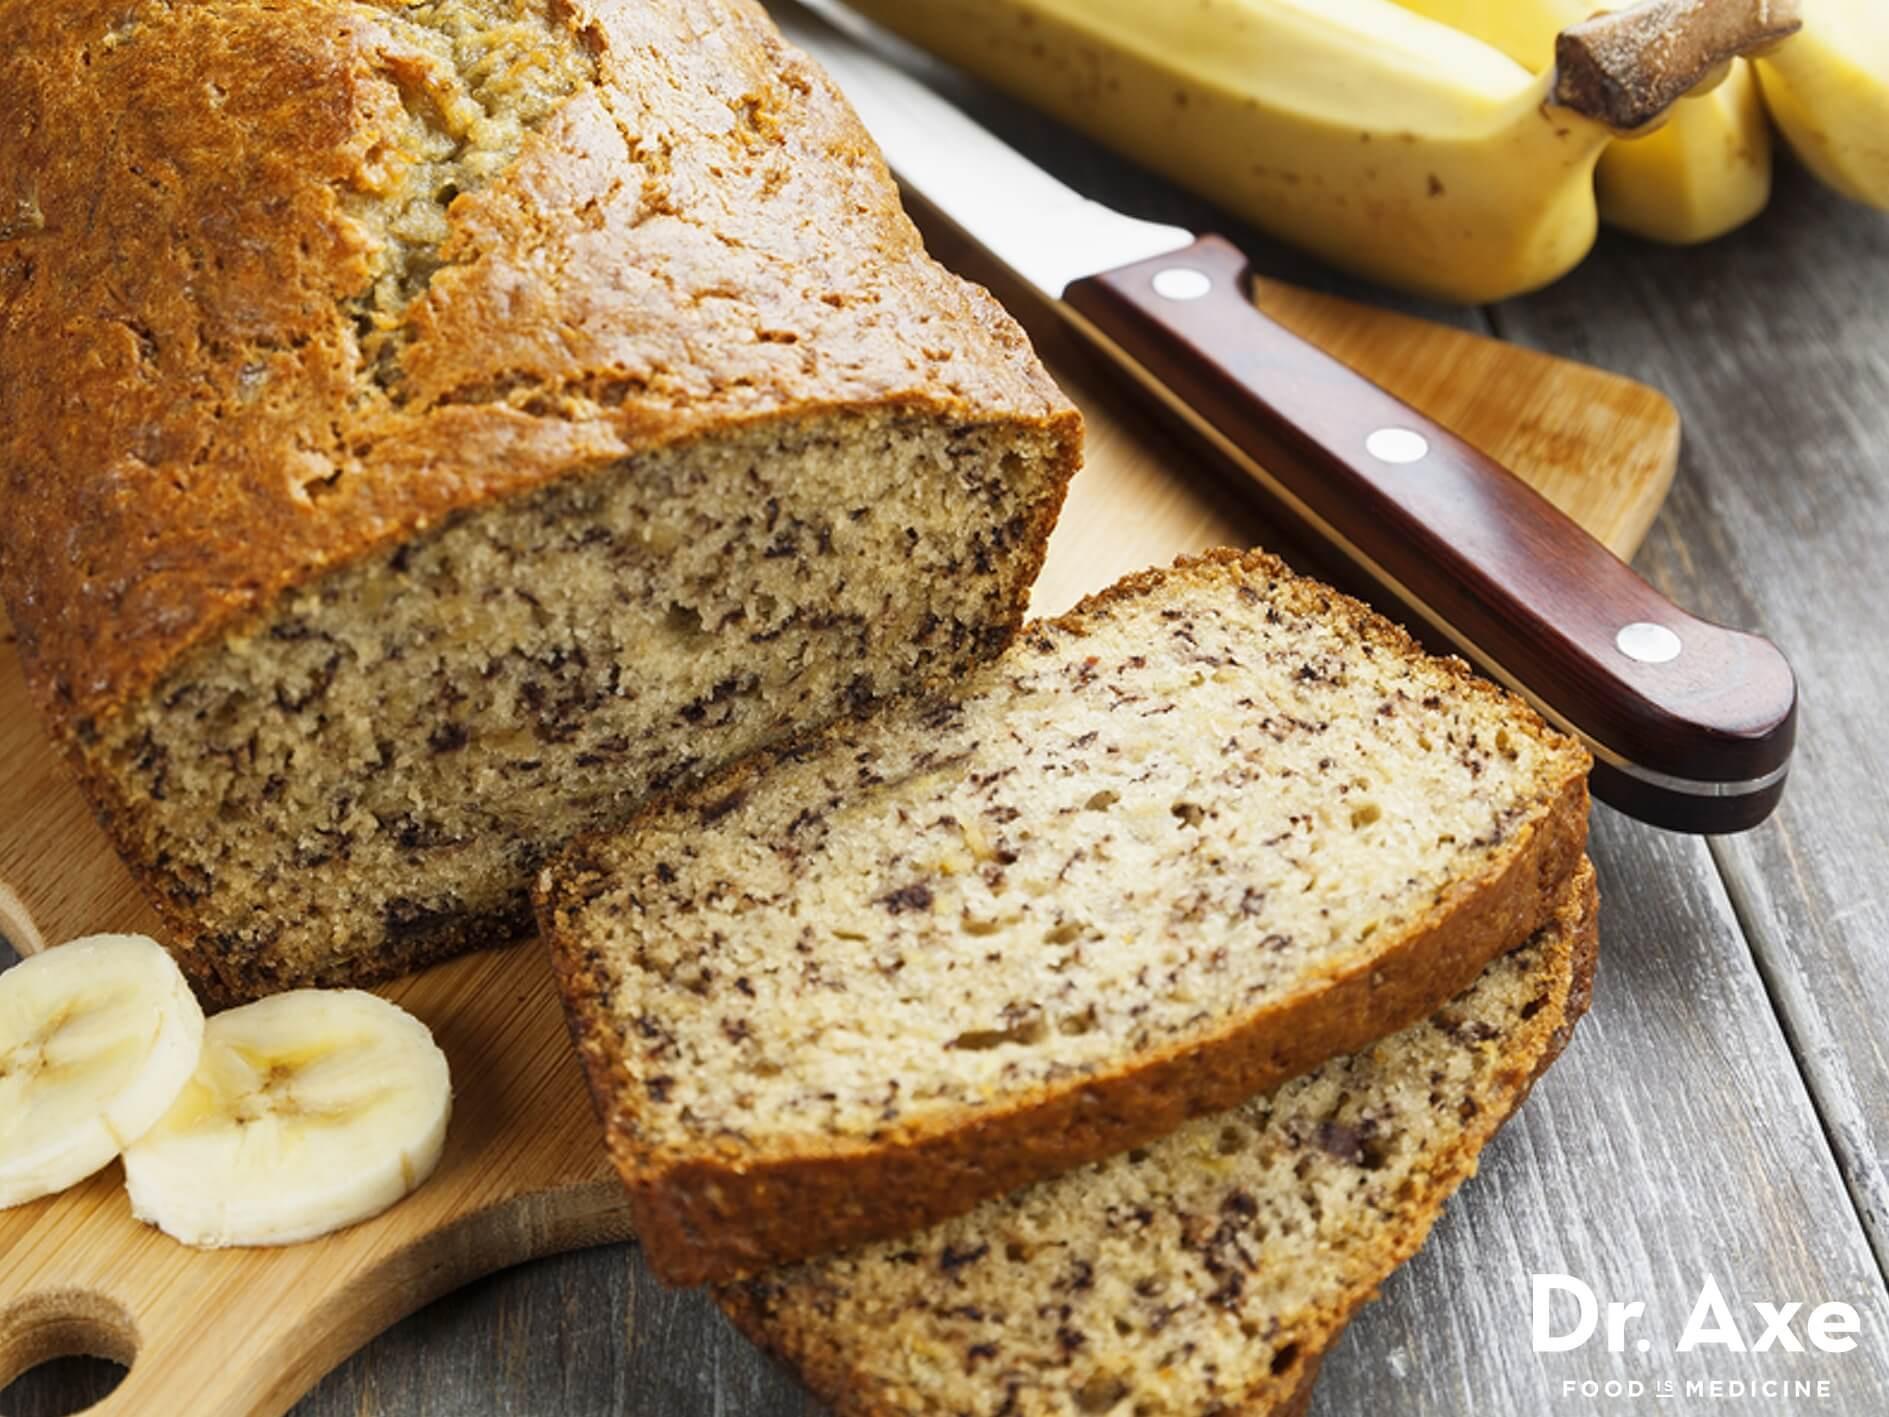 Banana Bread Gluten Free  Gluten Free Banana Bread Recipe DrAxe